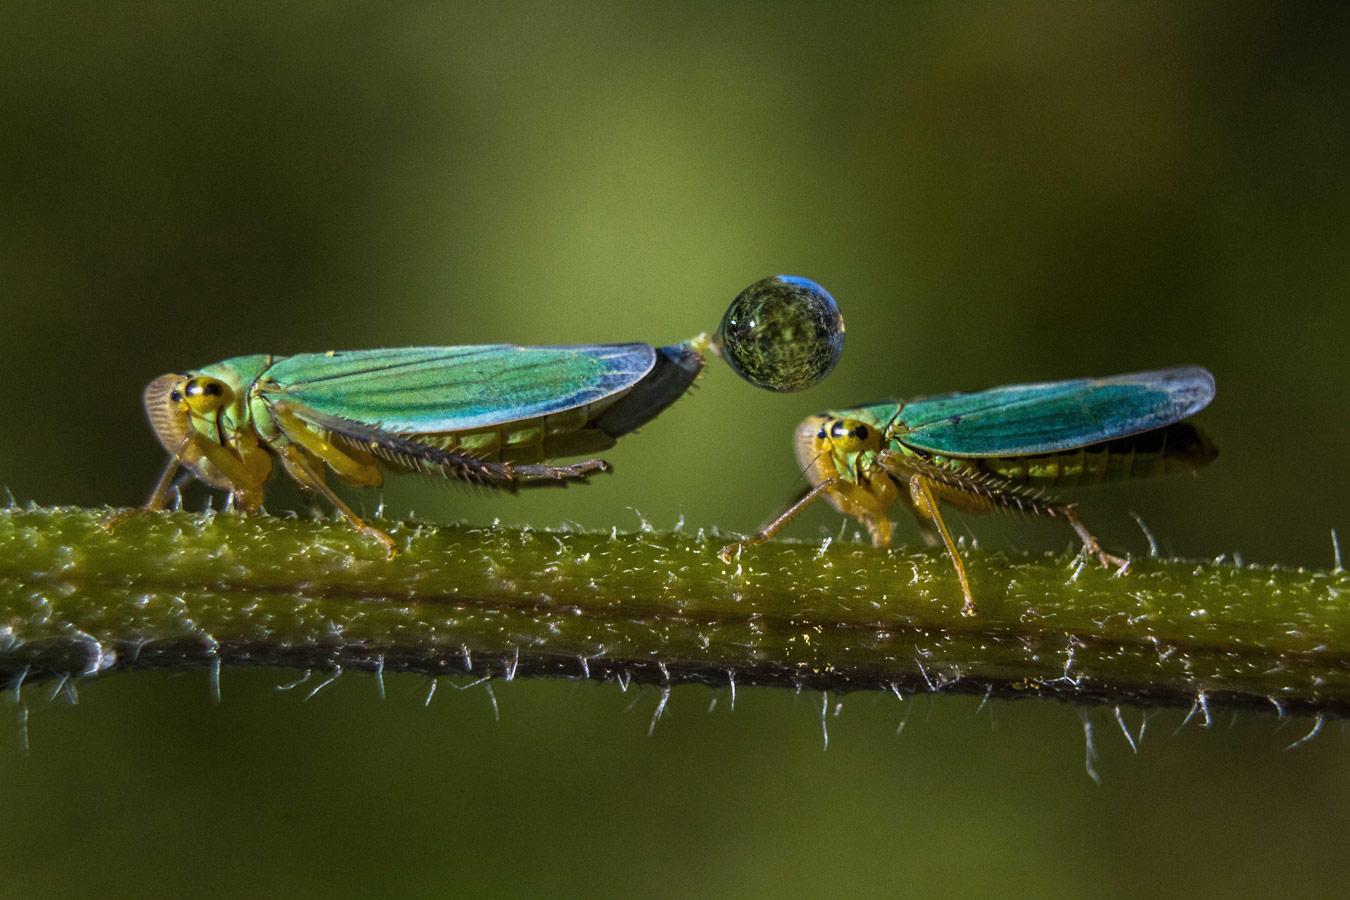 Вдвоём веселей..., © Владислав Захаревич, 3-е место в номинации «Макросъёмка», Фотоконкурс «Дикая природа России» от National Geographic